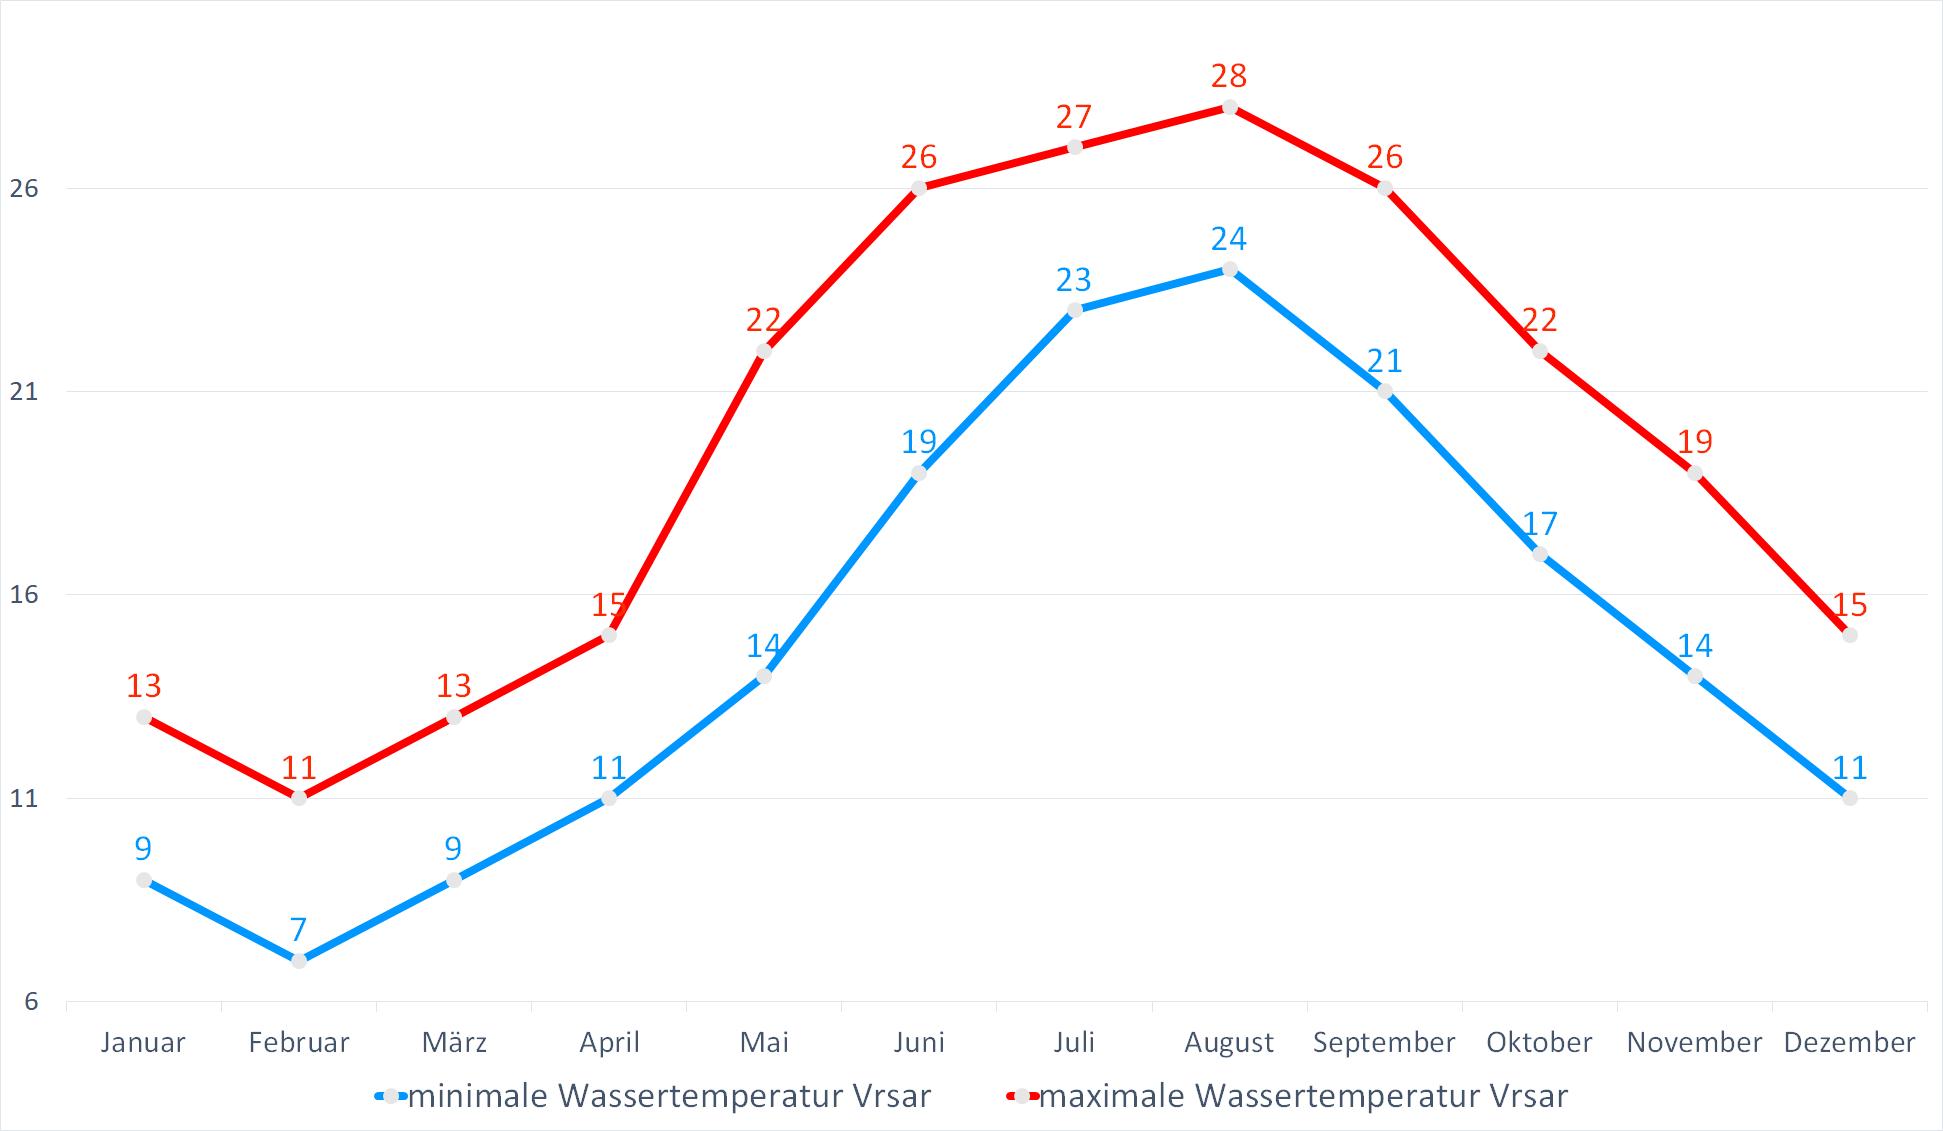 Minimale & Maximale Wassertemperaturen für Vrsar im Jahresverlauf